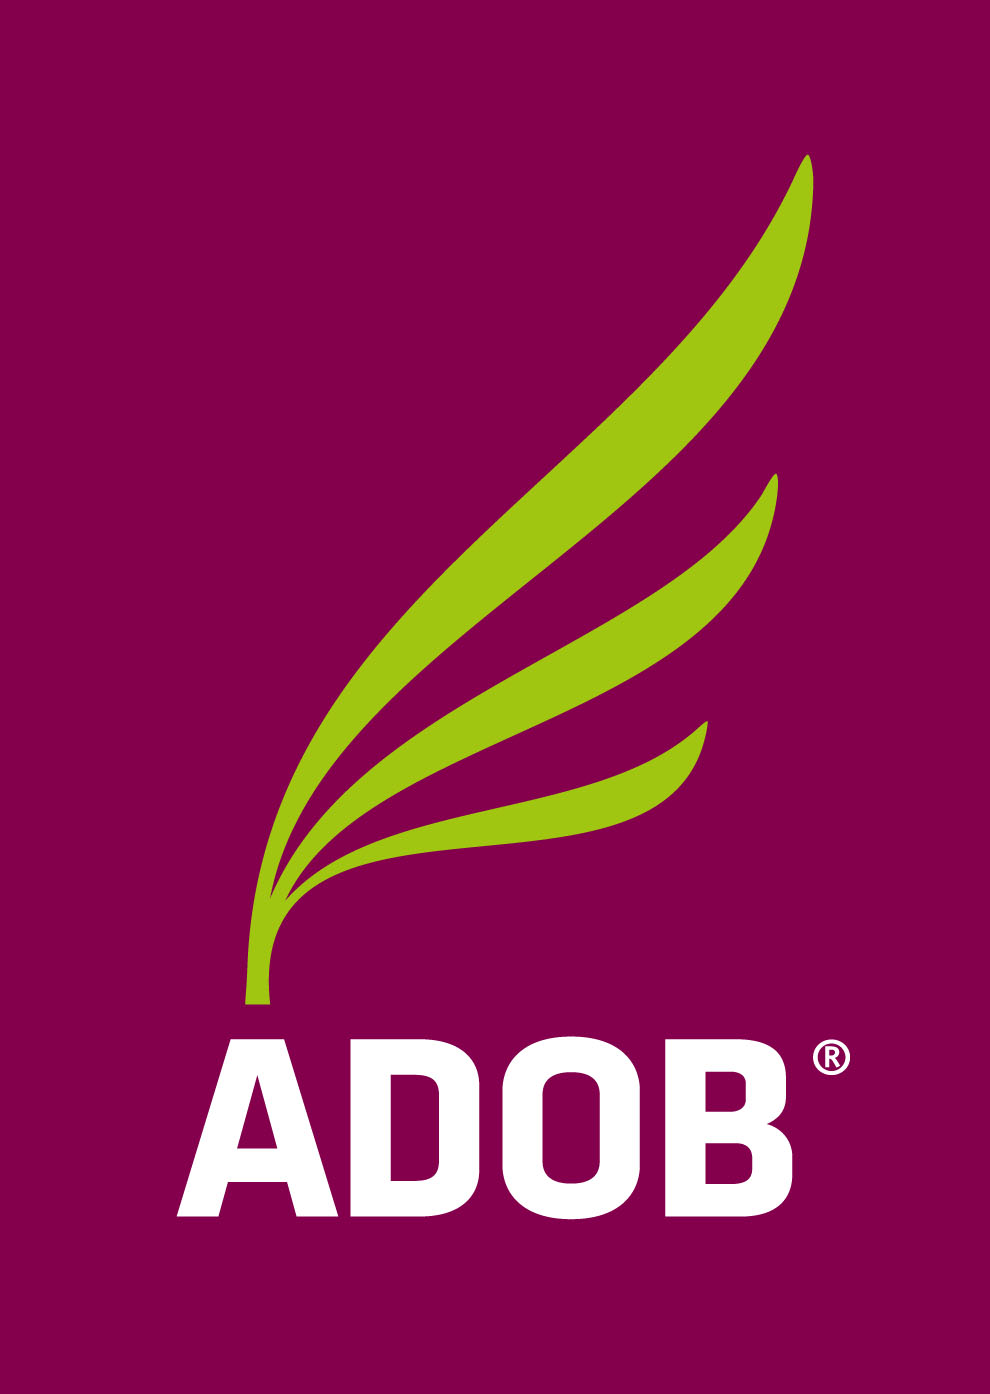 ADOB obchodzi 30-lecie działalności.